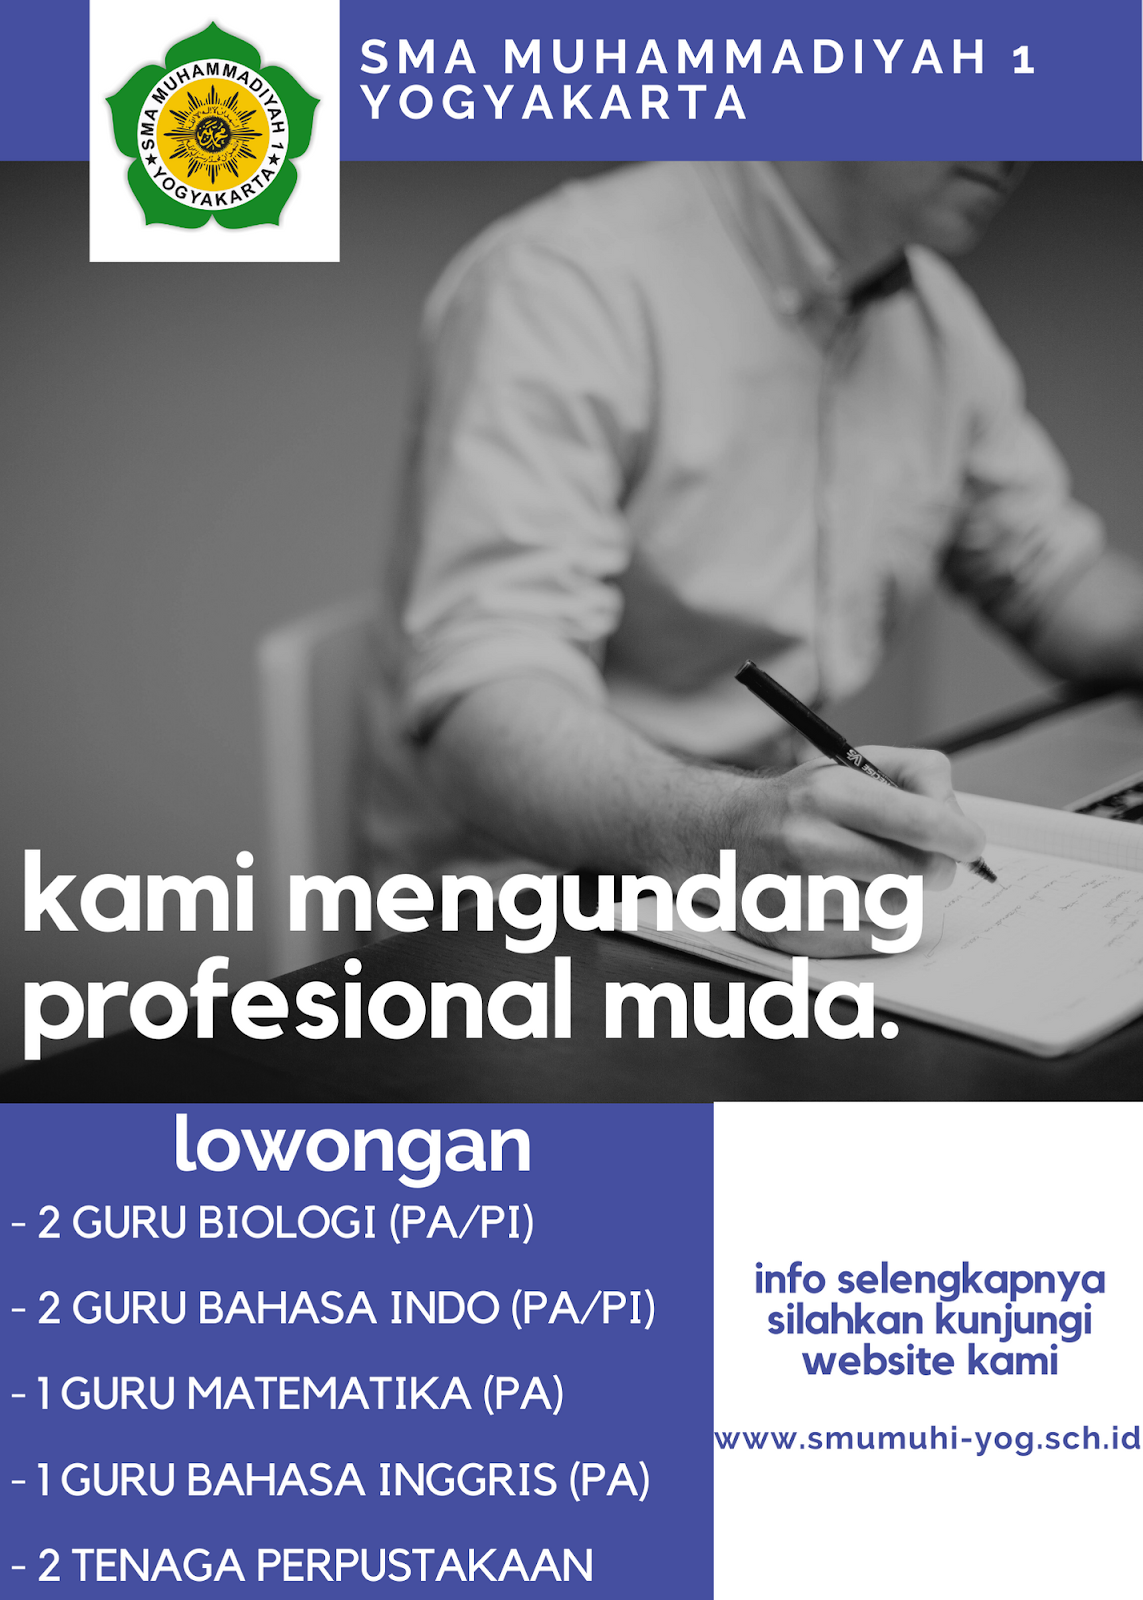 Lowongan Kerja Guru Dan Tenaga Perpustakaan Sma Muhammadiyah 1 Yogyakarta Rekrutmen Dan Lowongan Kerja Bulan Februari 2021